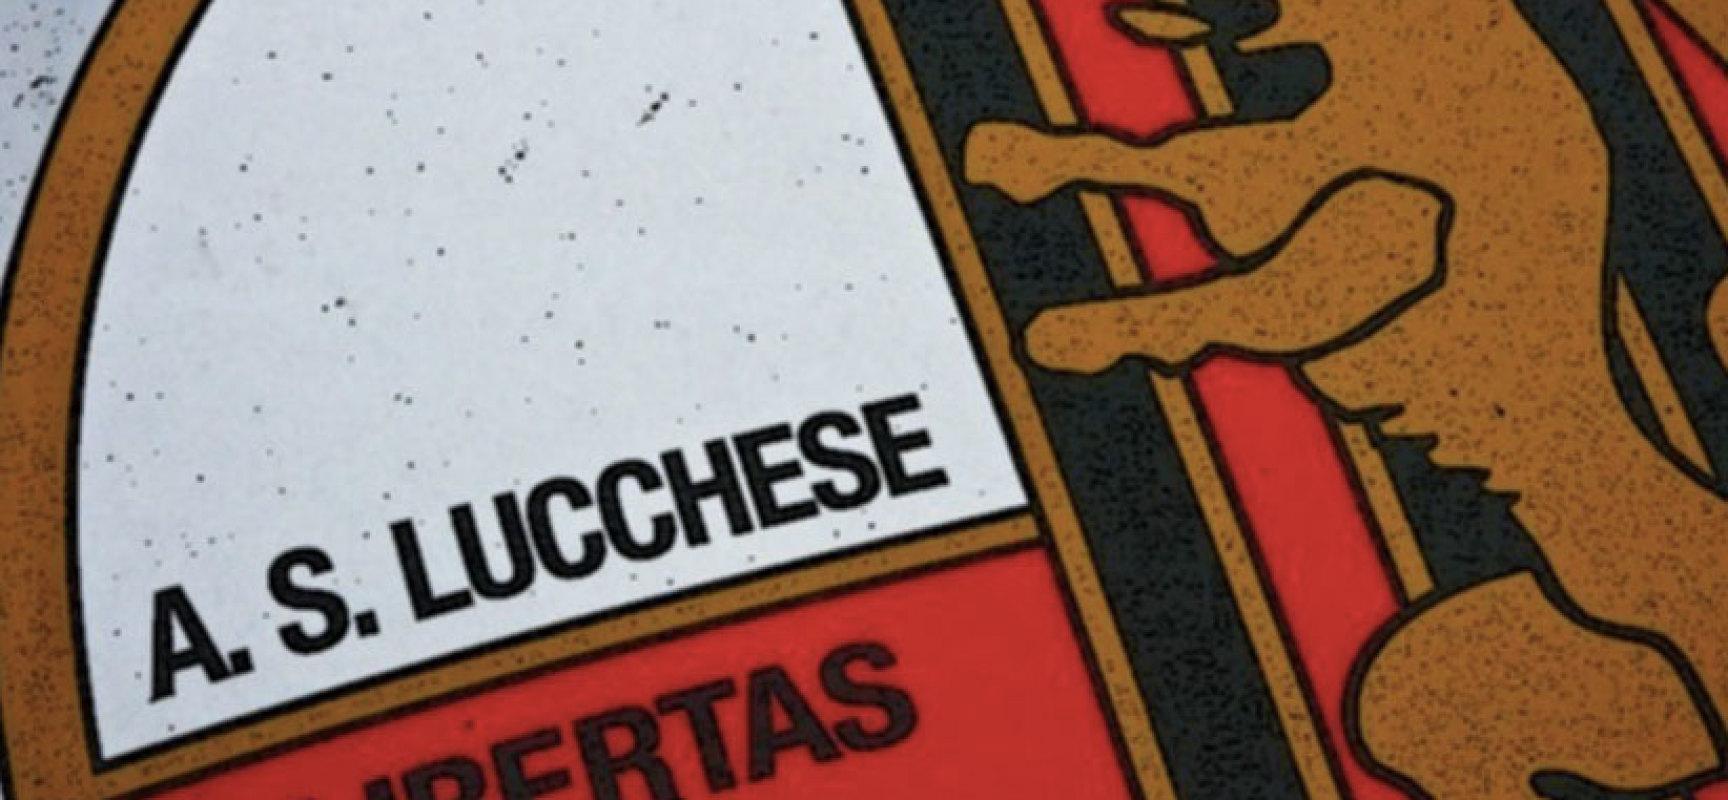 IN VENDITA  I BIGLIETTI PER LA PARTITA  Pistoiese – Lucchese: